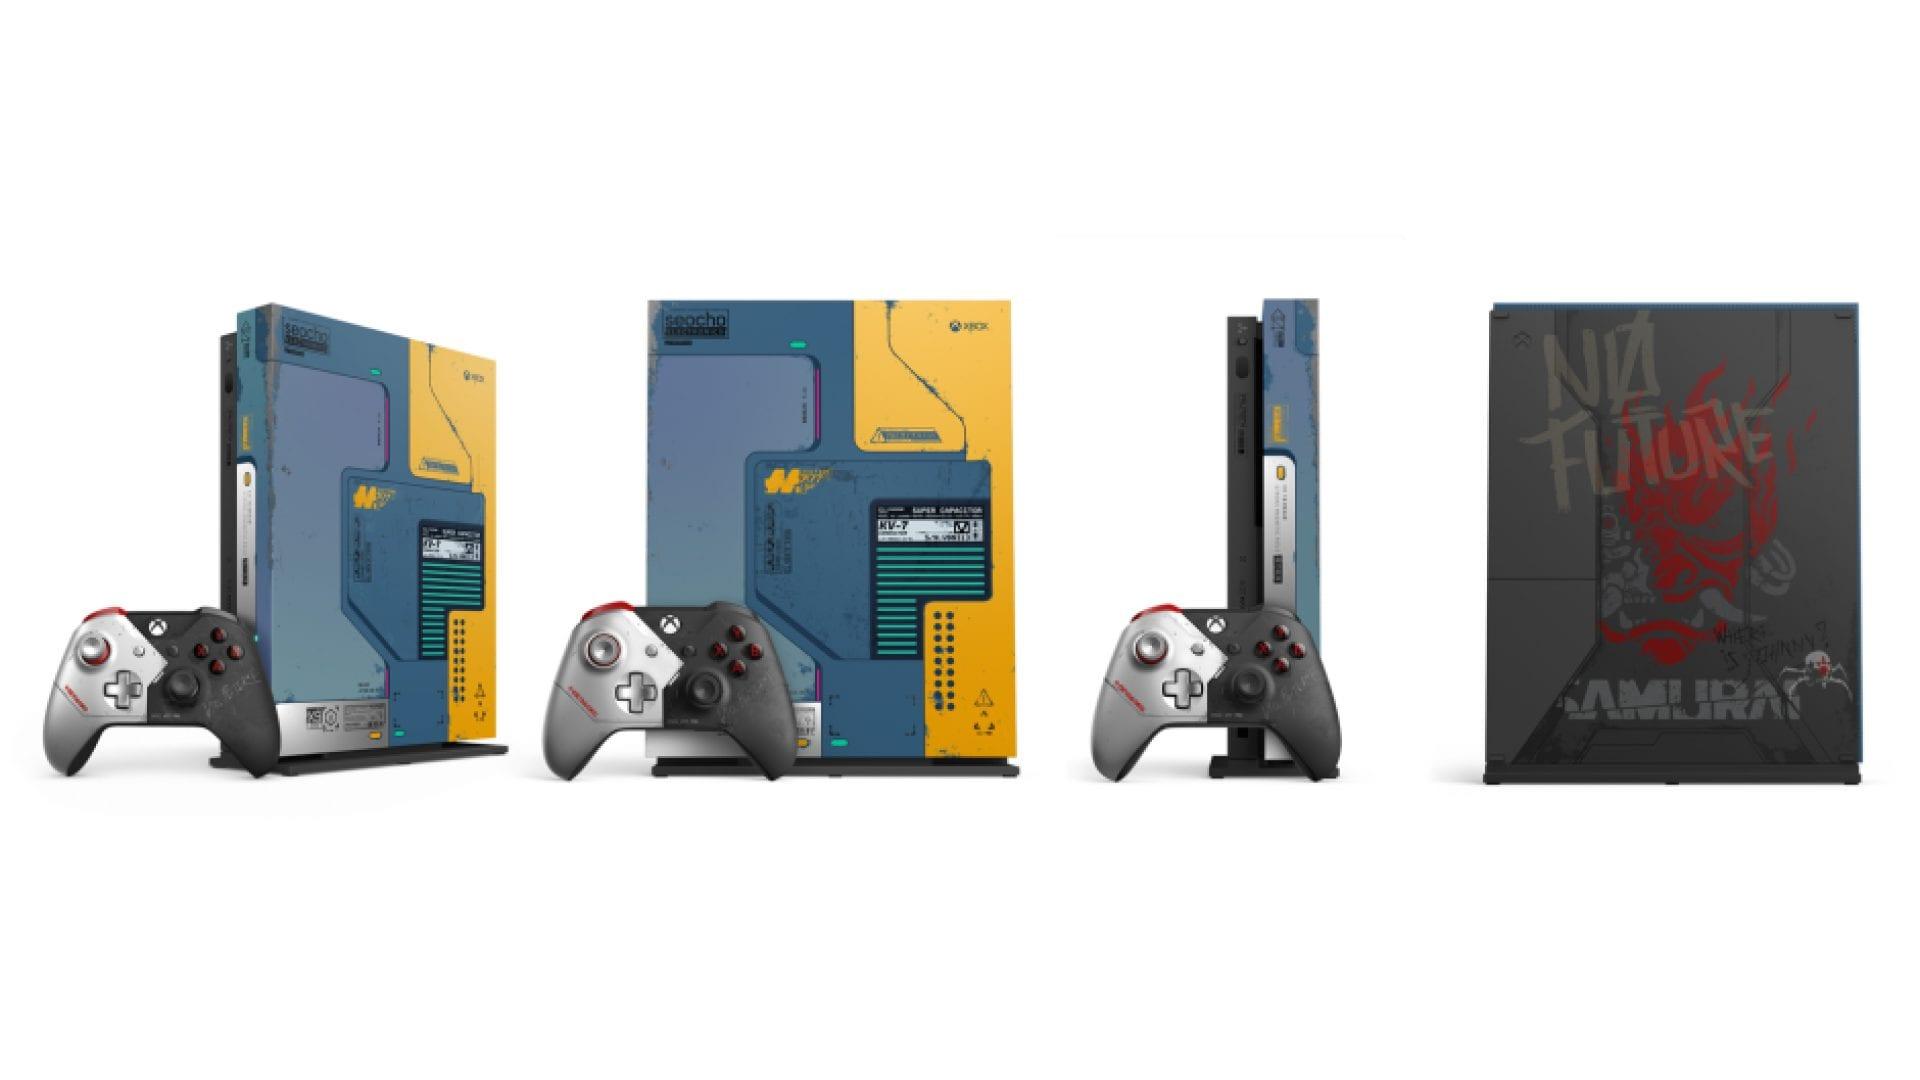 Cyberpunk 2077 Xbox One X Edition